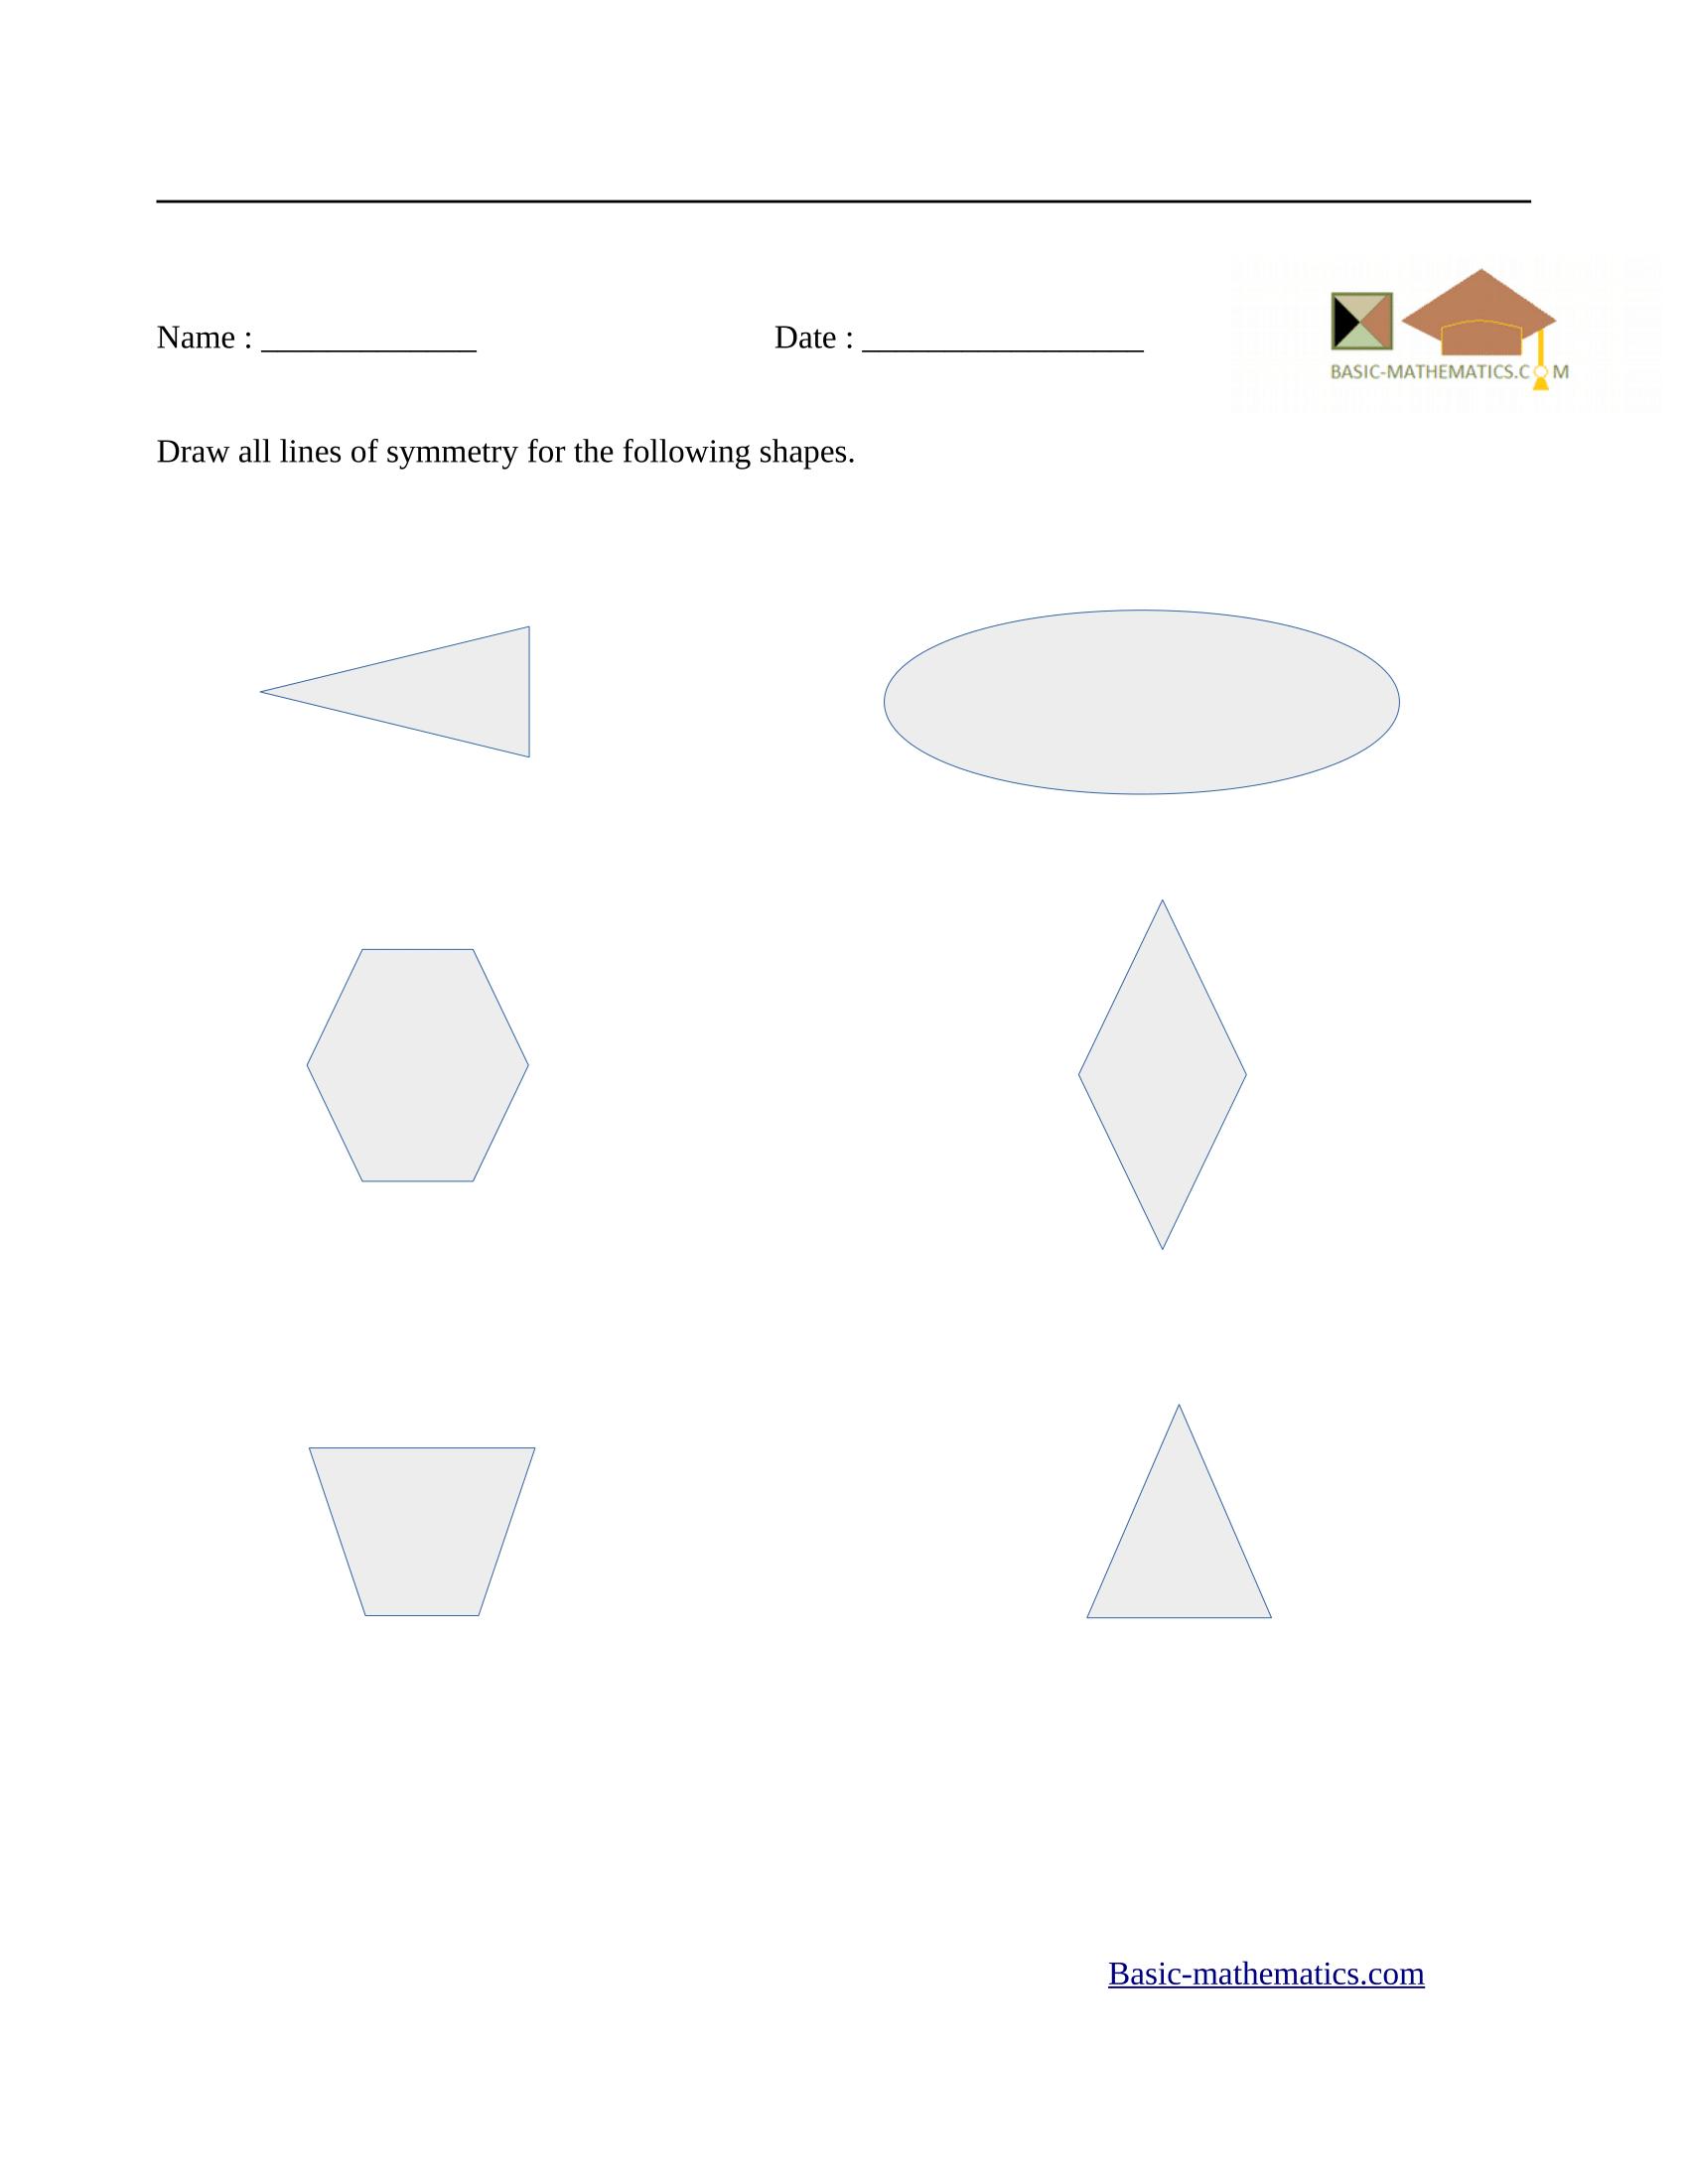 Symmetry Worksheet For Grade 3